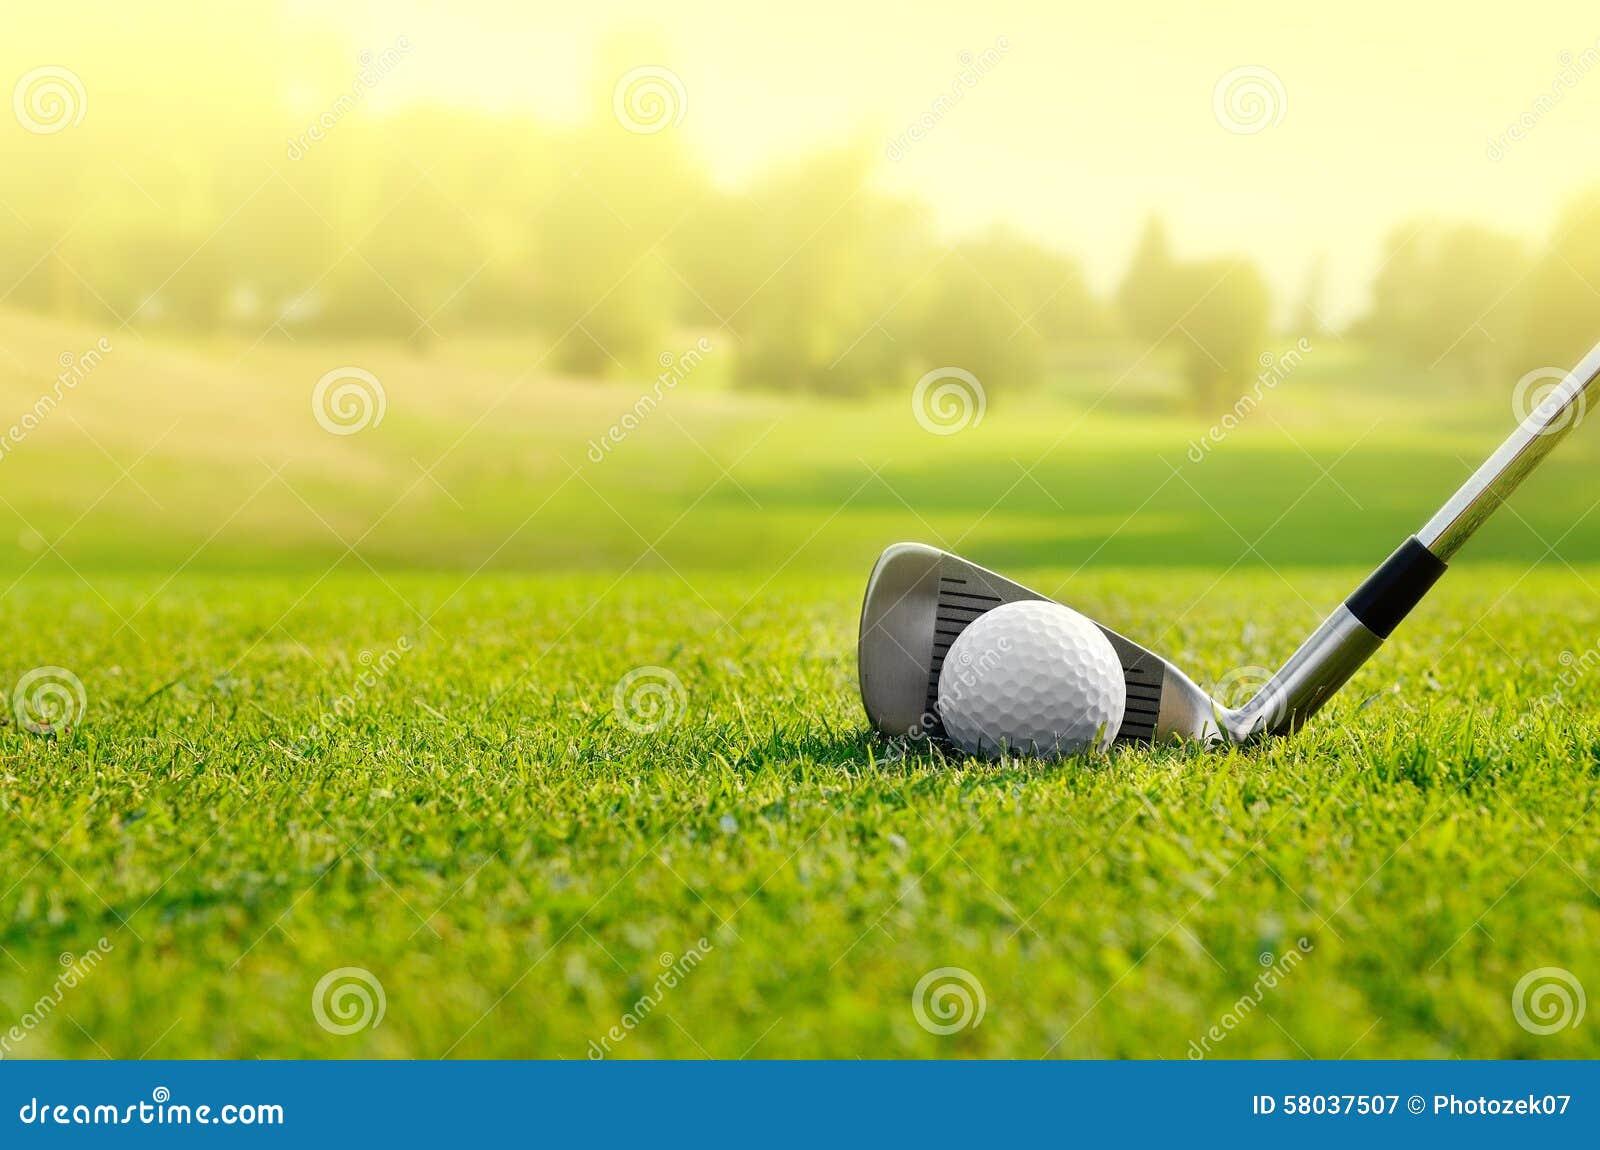 Let s golf